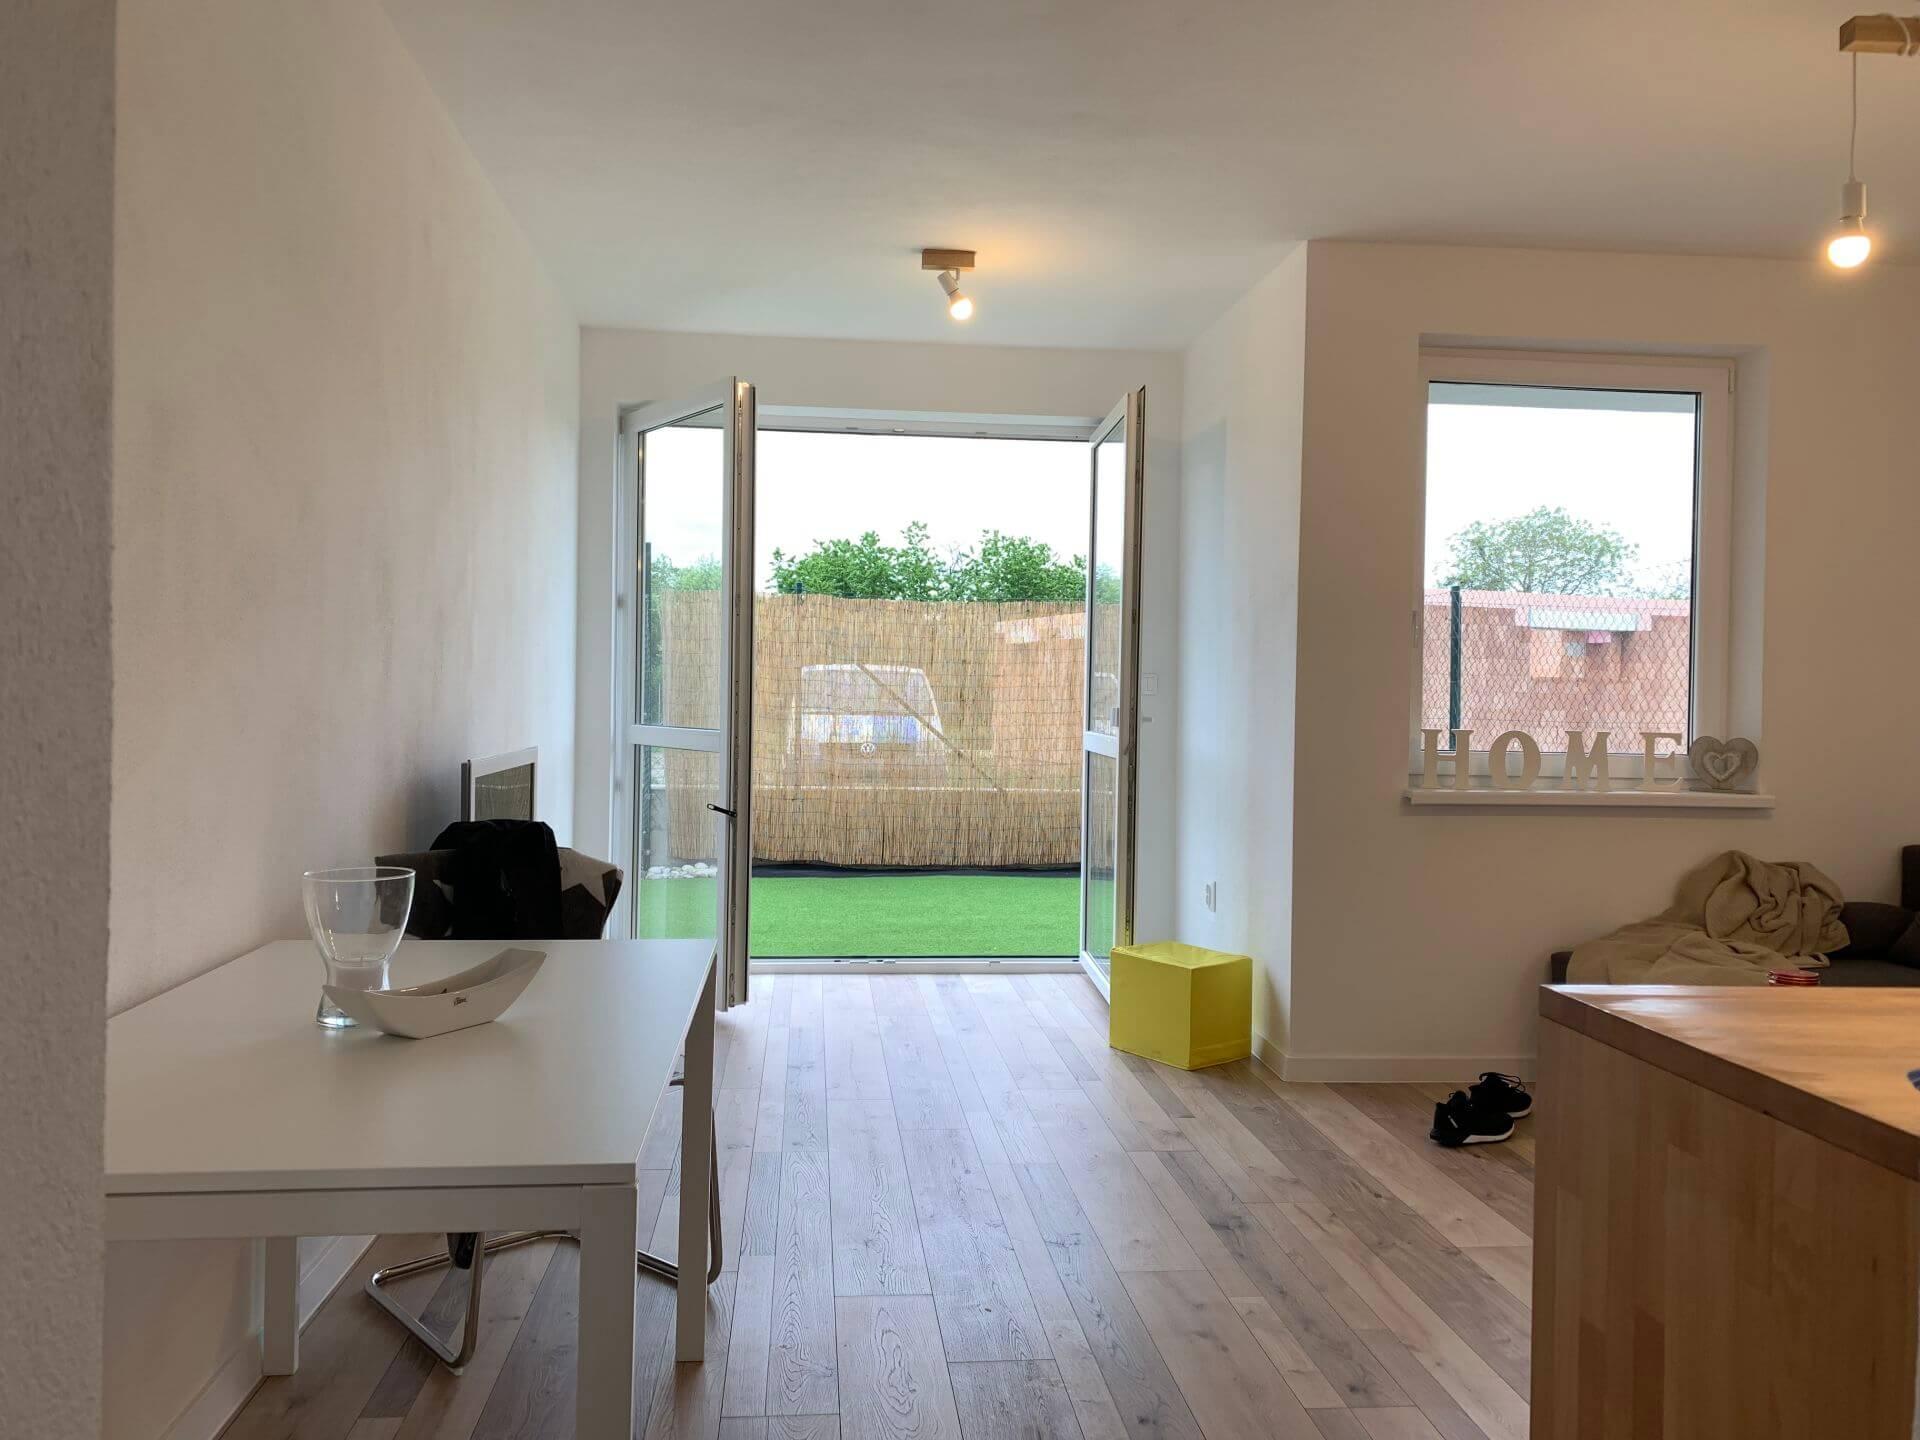 Predané: Predáme 1 izbový byt, Ligurčeková, Podunajská Biskupice, 30m2, záhrada 26m2, parkovacie státie 12m2-1